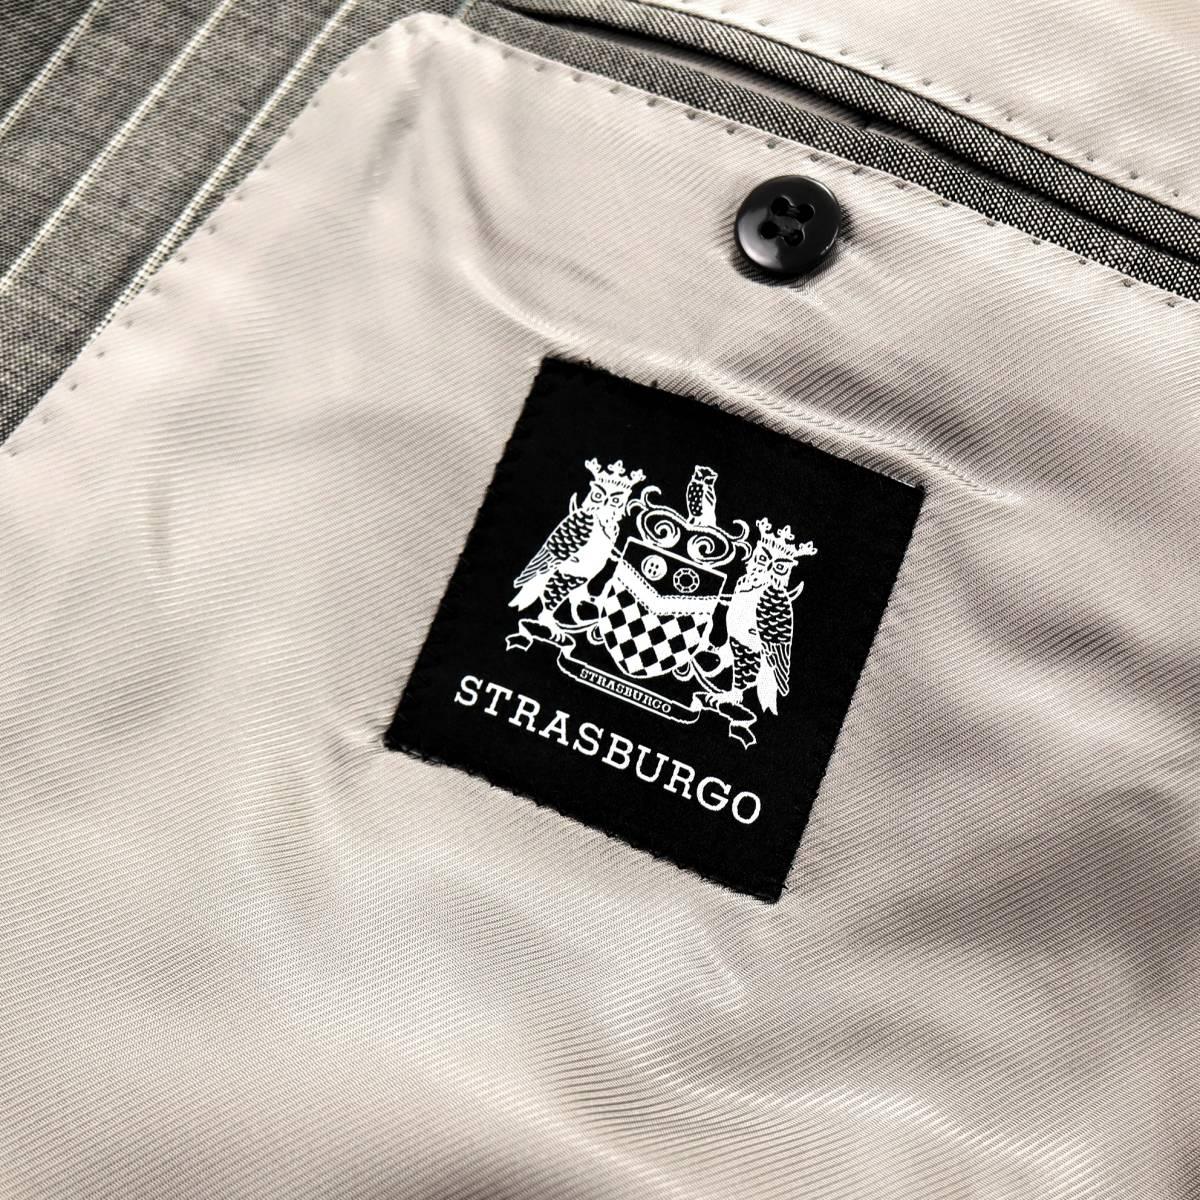 極上リッチな艶◎「ストラスブルゴ」×「リングヂャケット」通年イタリアングレー色◎滑らかな極上素材ピンストライプ柄スーツ 44 S~M_画像8